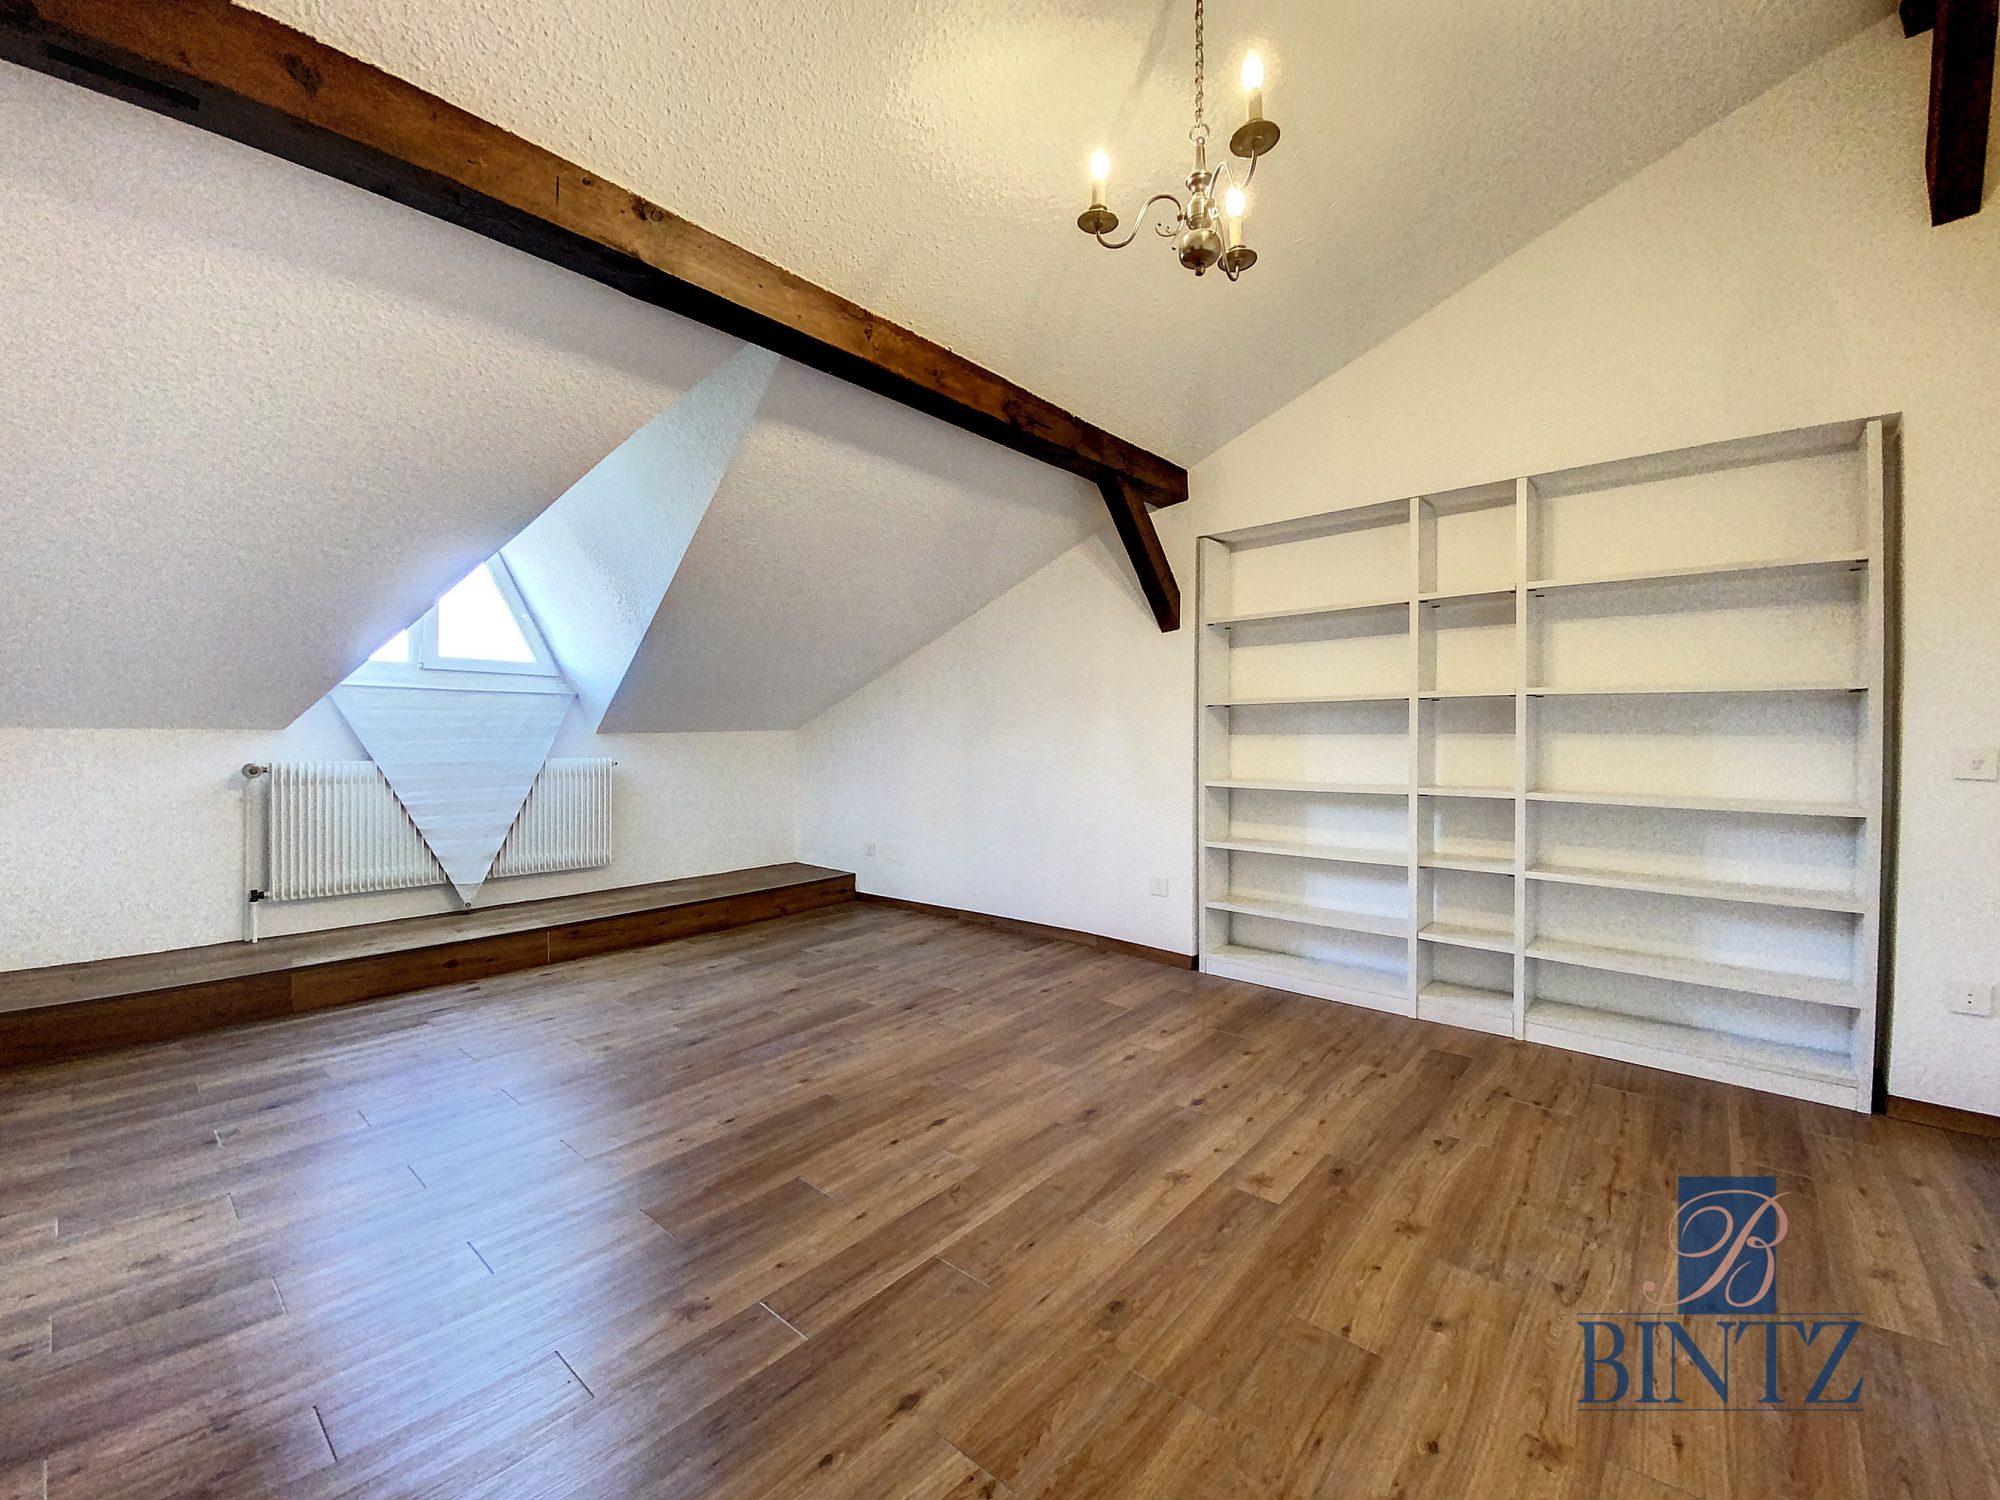 DUPLEX avec terrasse PLACE DE L'UNIVERSITÉ AVEC TERRASSE - Devenez locataire en toute sérénité - Bintz Immobilier - 15